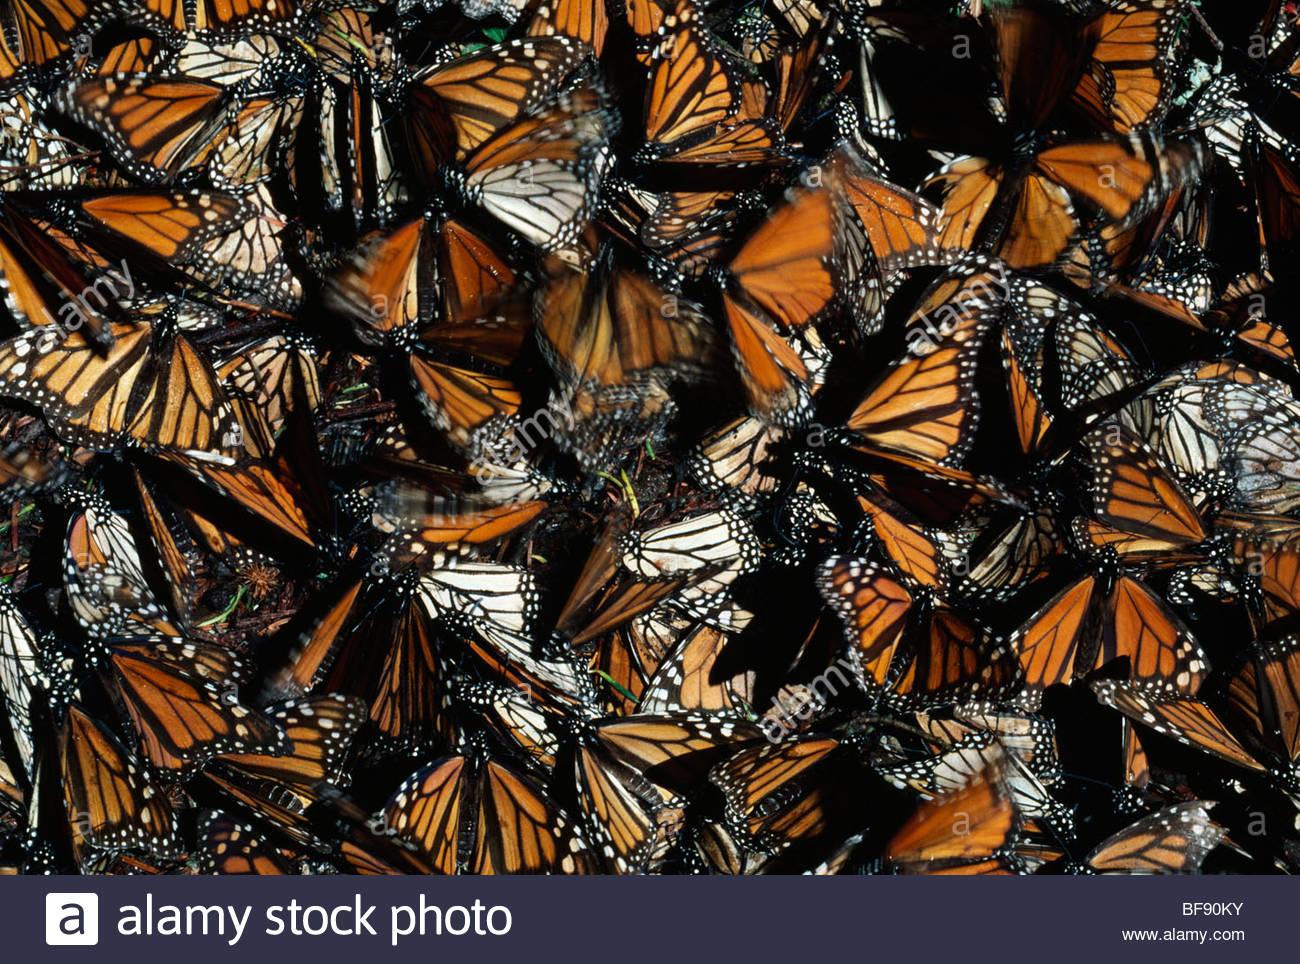 Les papillons monarques renversé des arbres à partir de la tempête, Danaus plexippus, Michoacan, Photo Stock